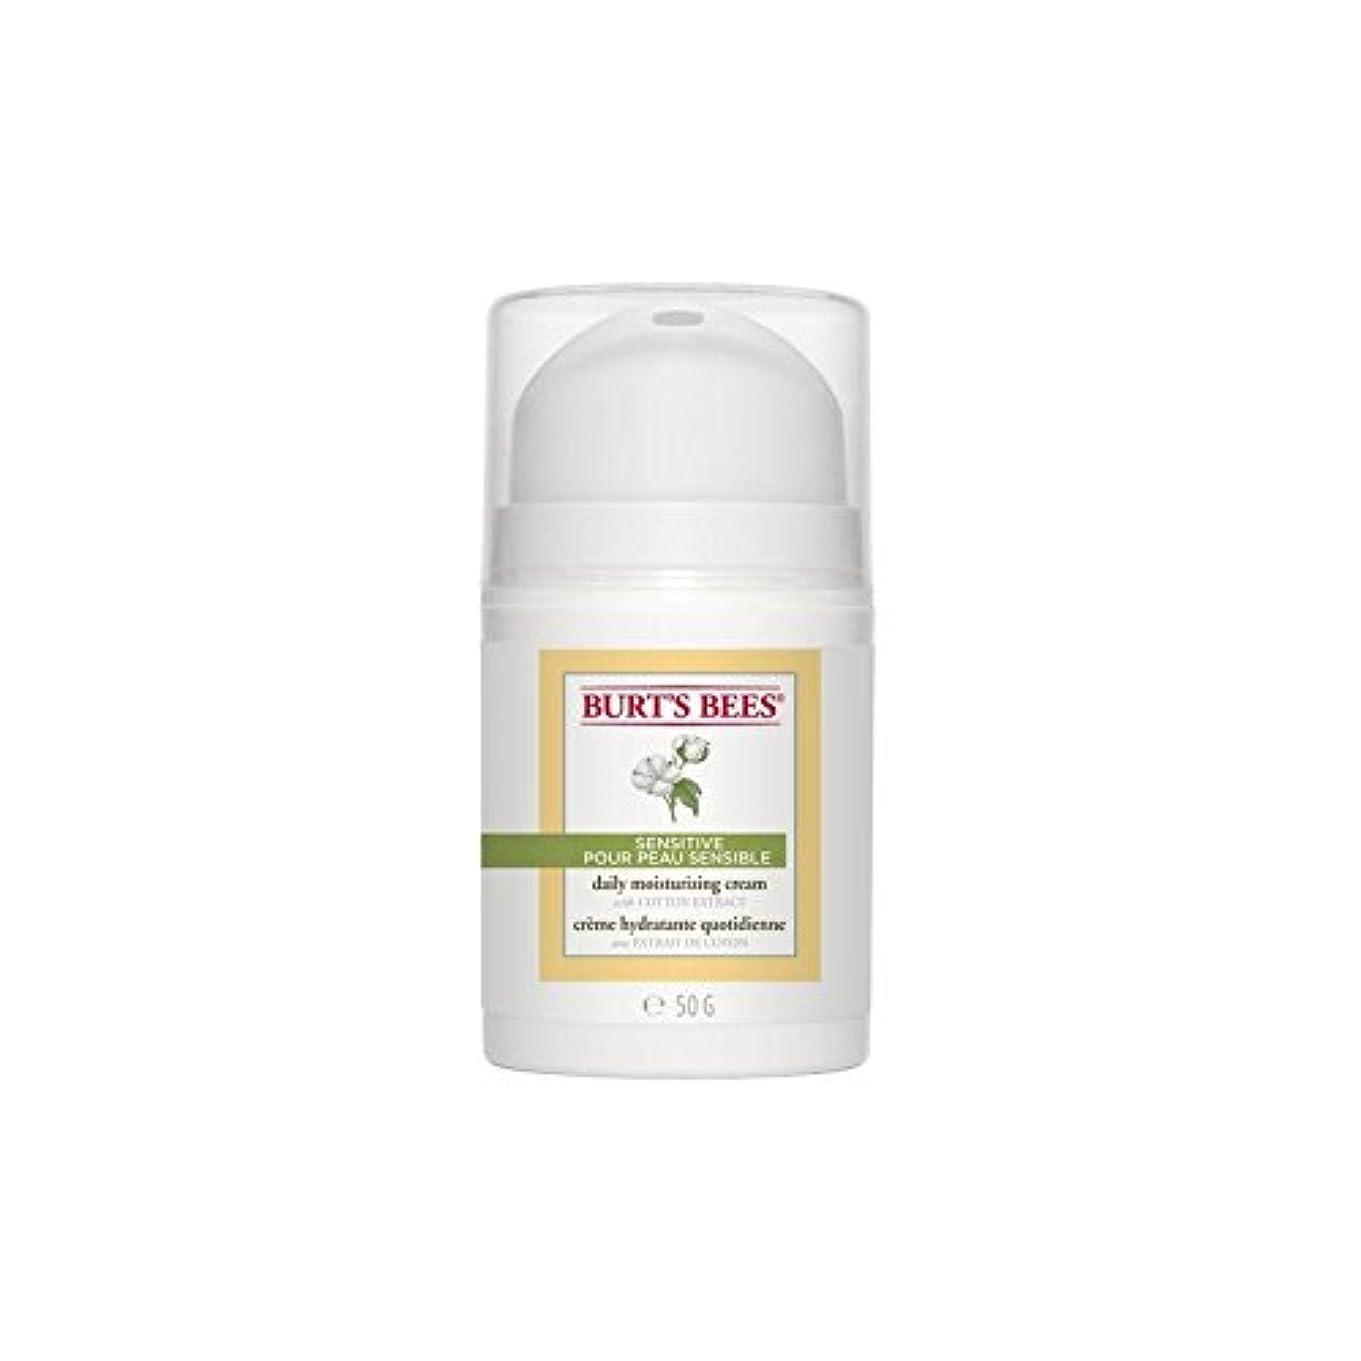 シールド不名誉な経済バーツビー敏感毎日保湿クリーム50グラム x2 - Burt's Bees Sensitive Daily Moisturising Cream 50G (Pack of 2) [並行輸入品]